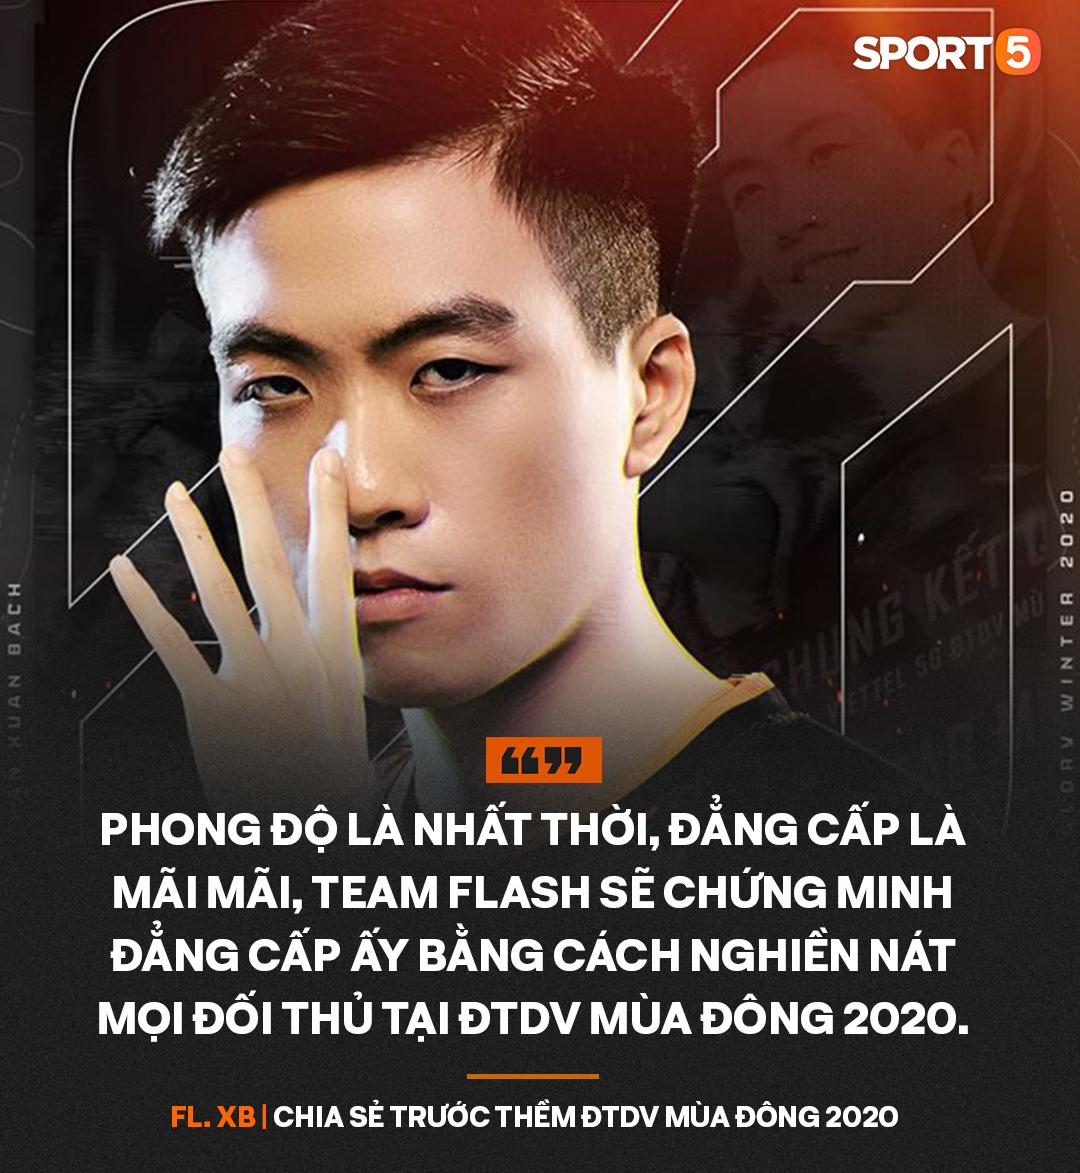 Trước thềm ĐTDV mùa Đông 2020, XB khẳng định Team Flash sẽ nghiền nát mọi đối thủ để lên ngôi vô địch - Ảnh 3.